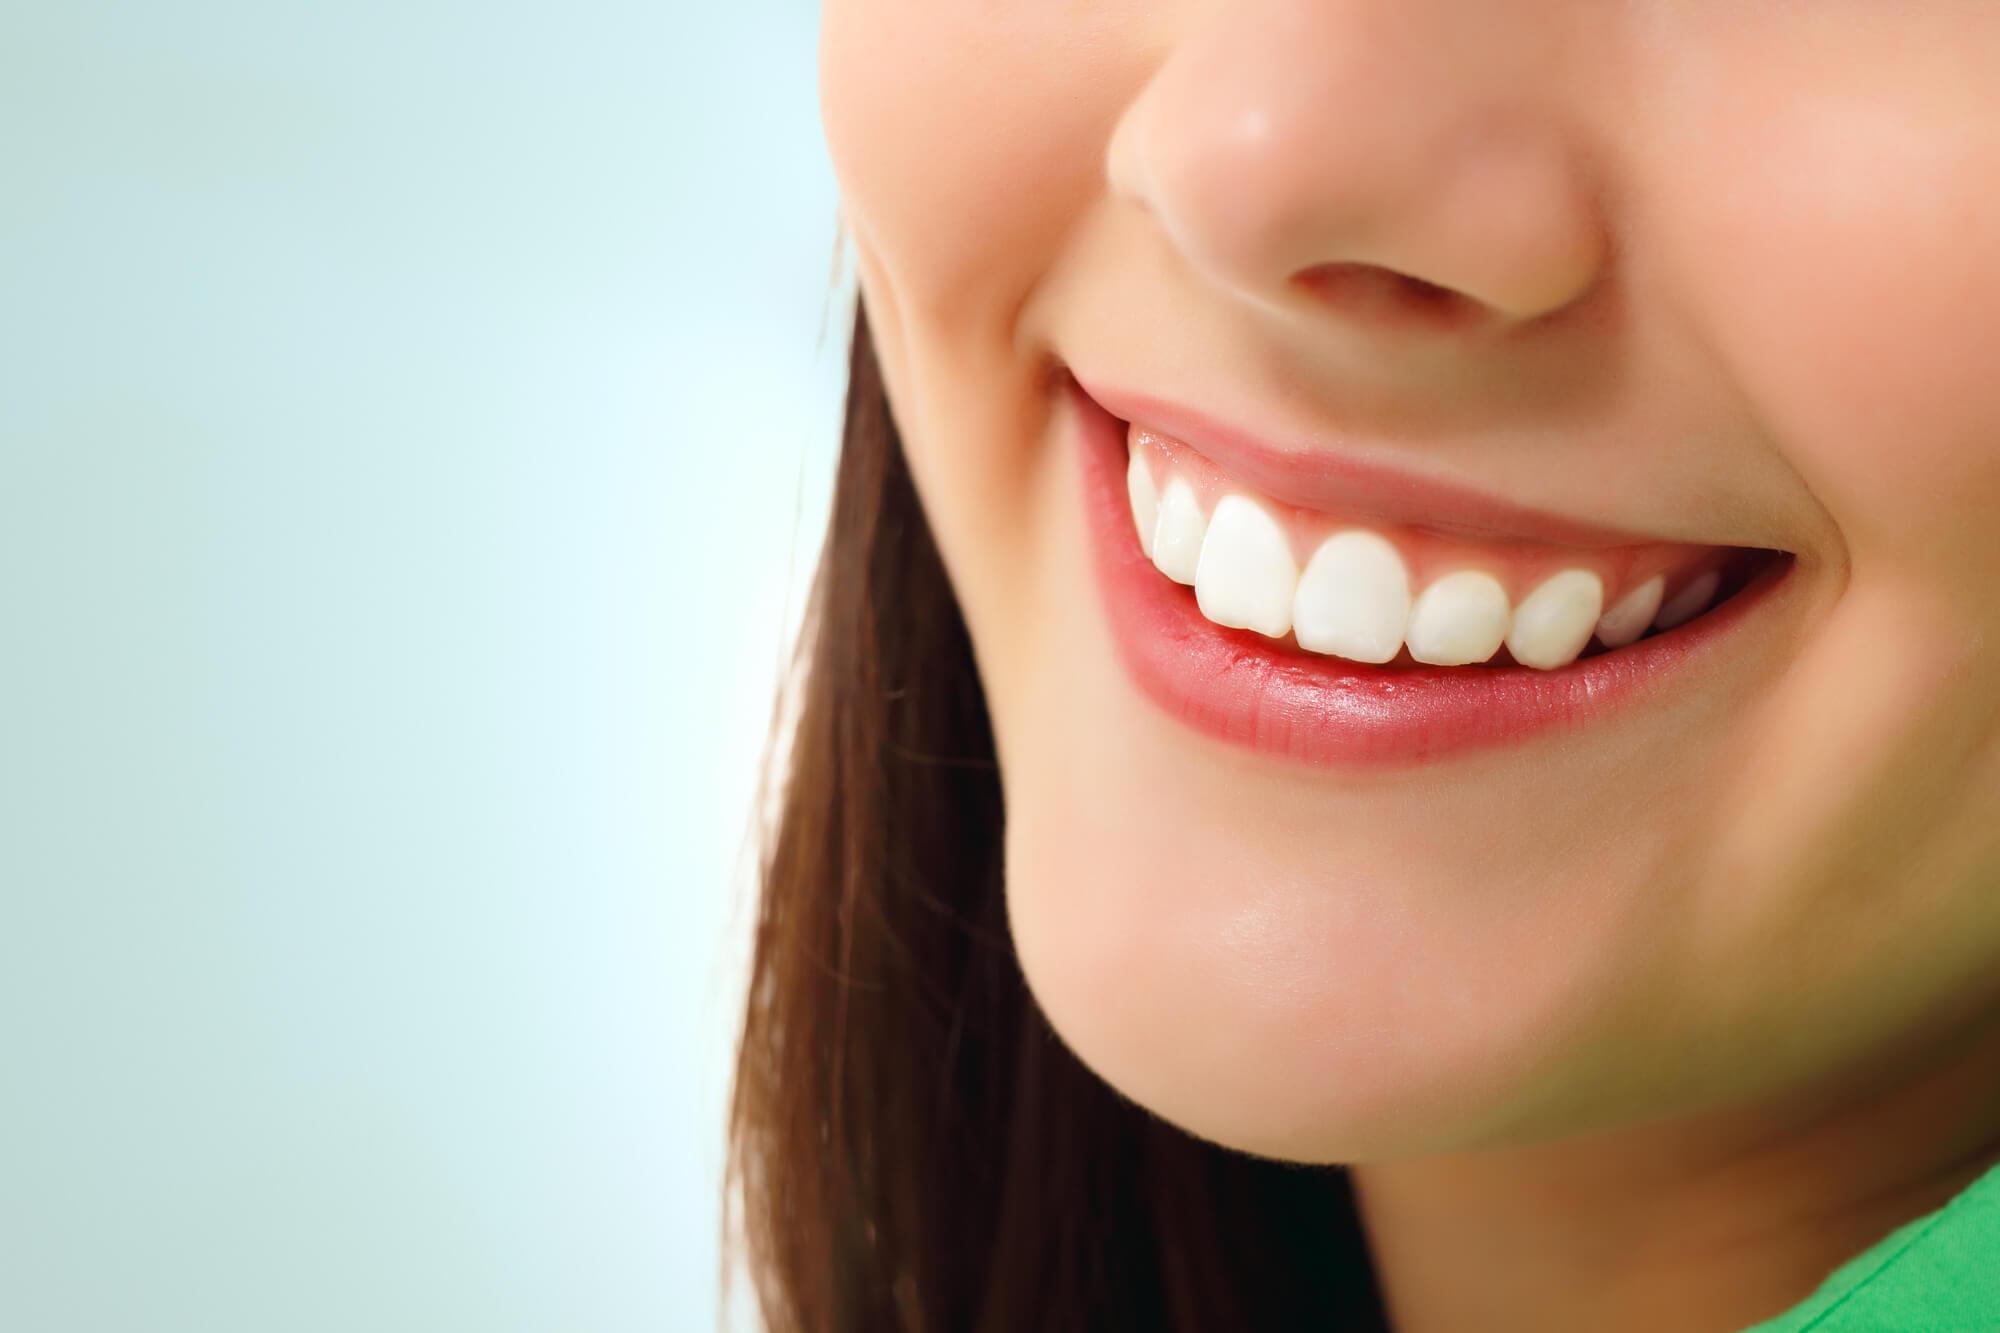 smile teeth whitening charleston sc